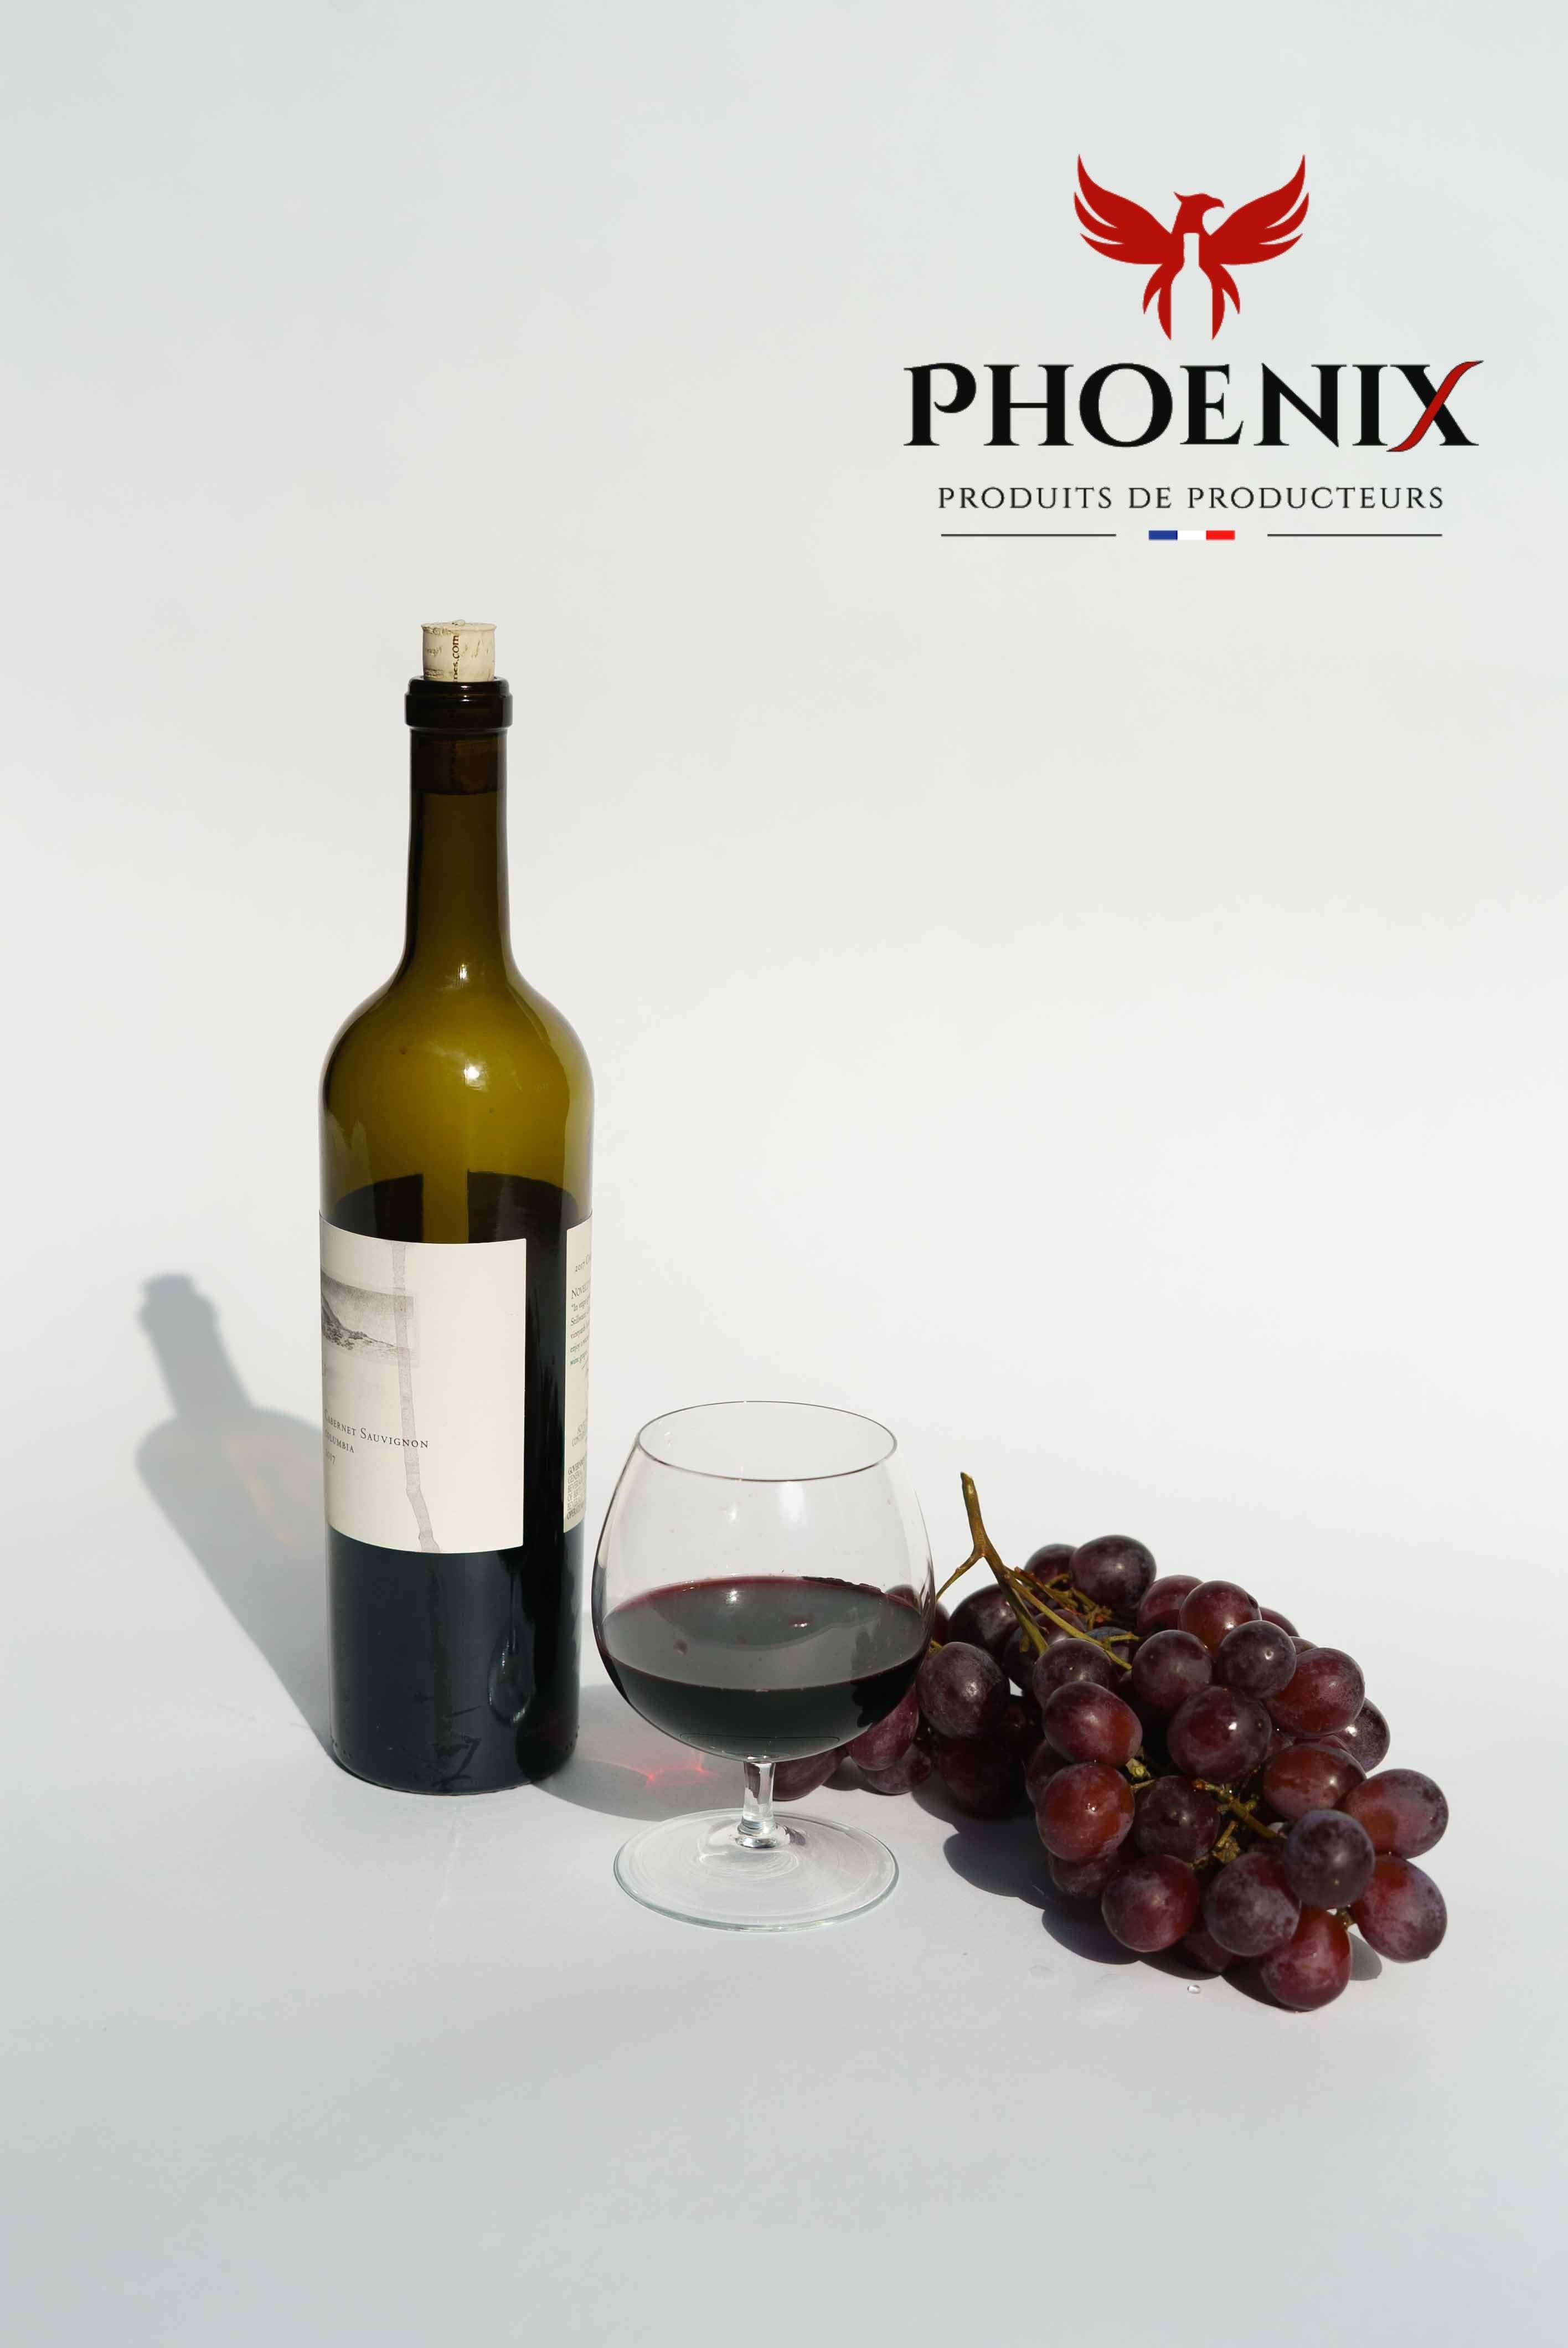 Commandez vos vins préférés !